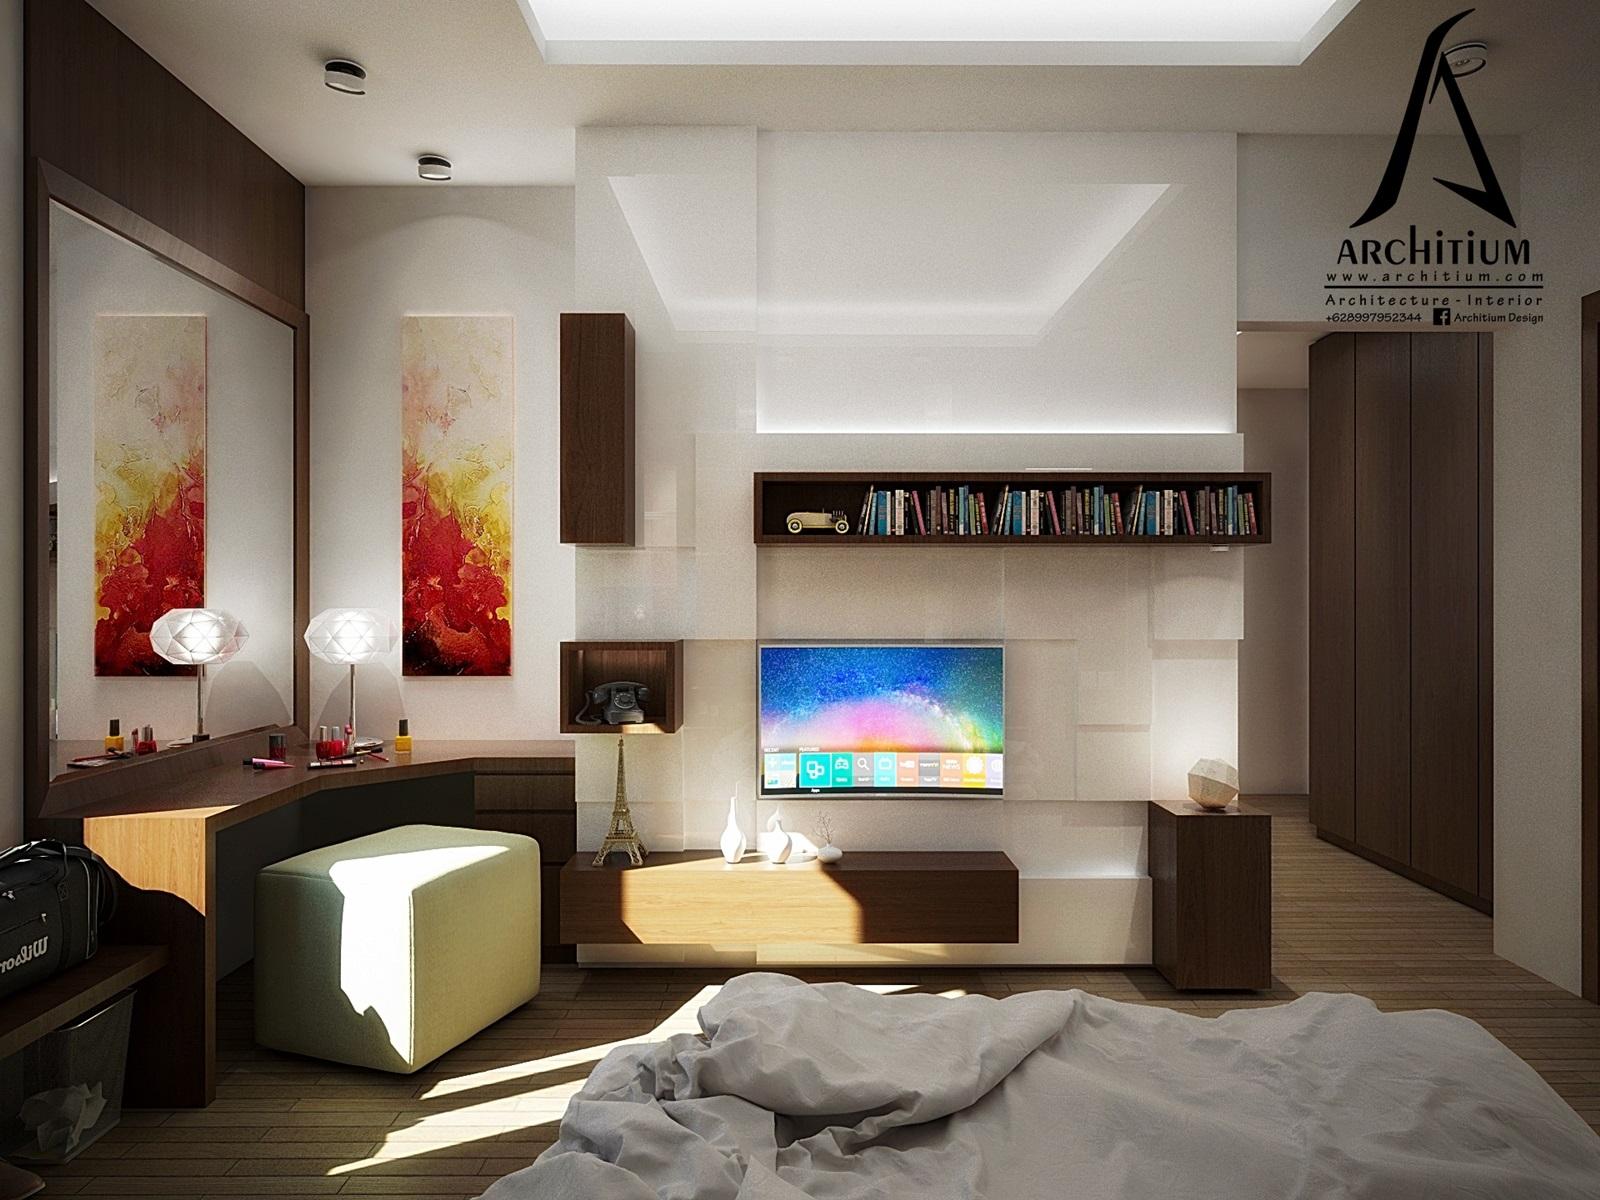 desain kamar tidur architium